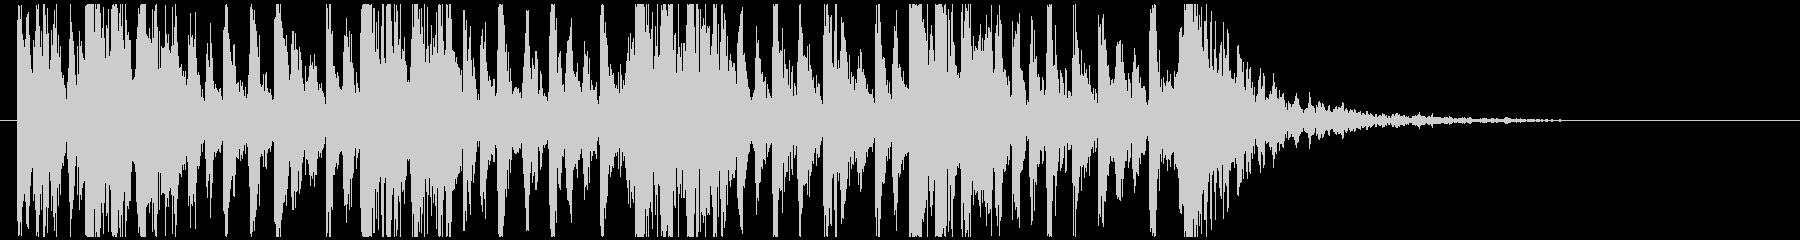 和太鼓のフレーズ1。残響なしBPM136の未再生の波形